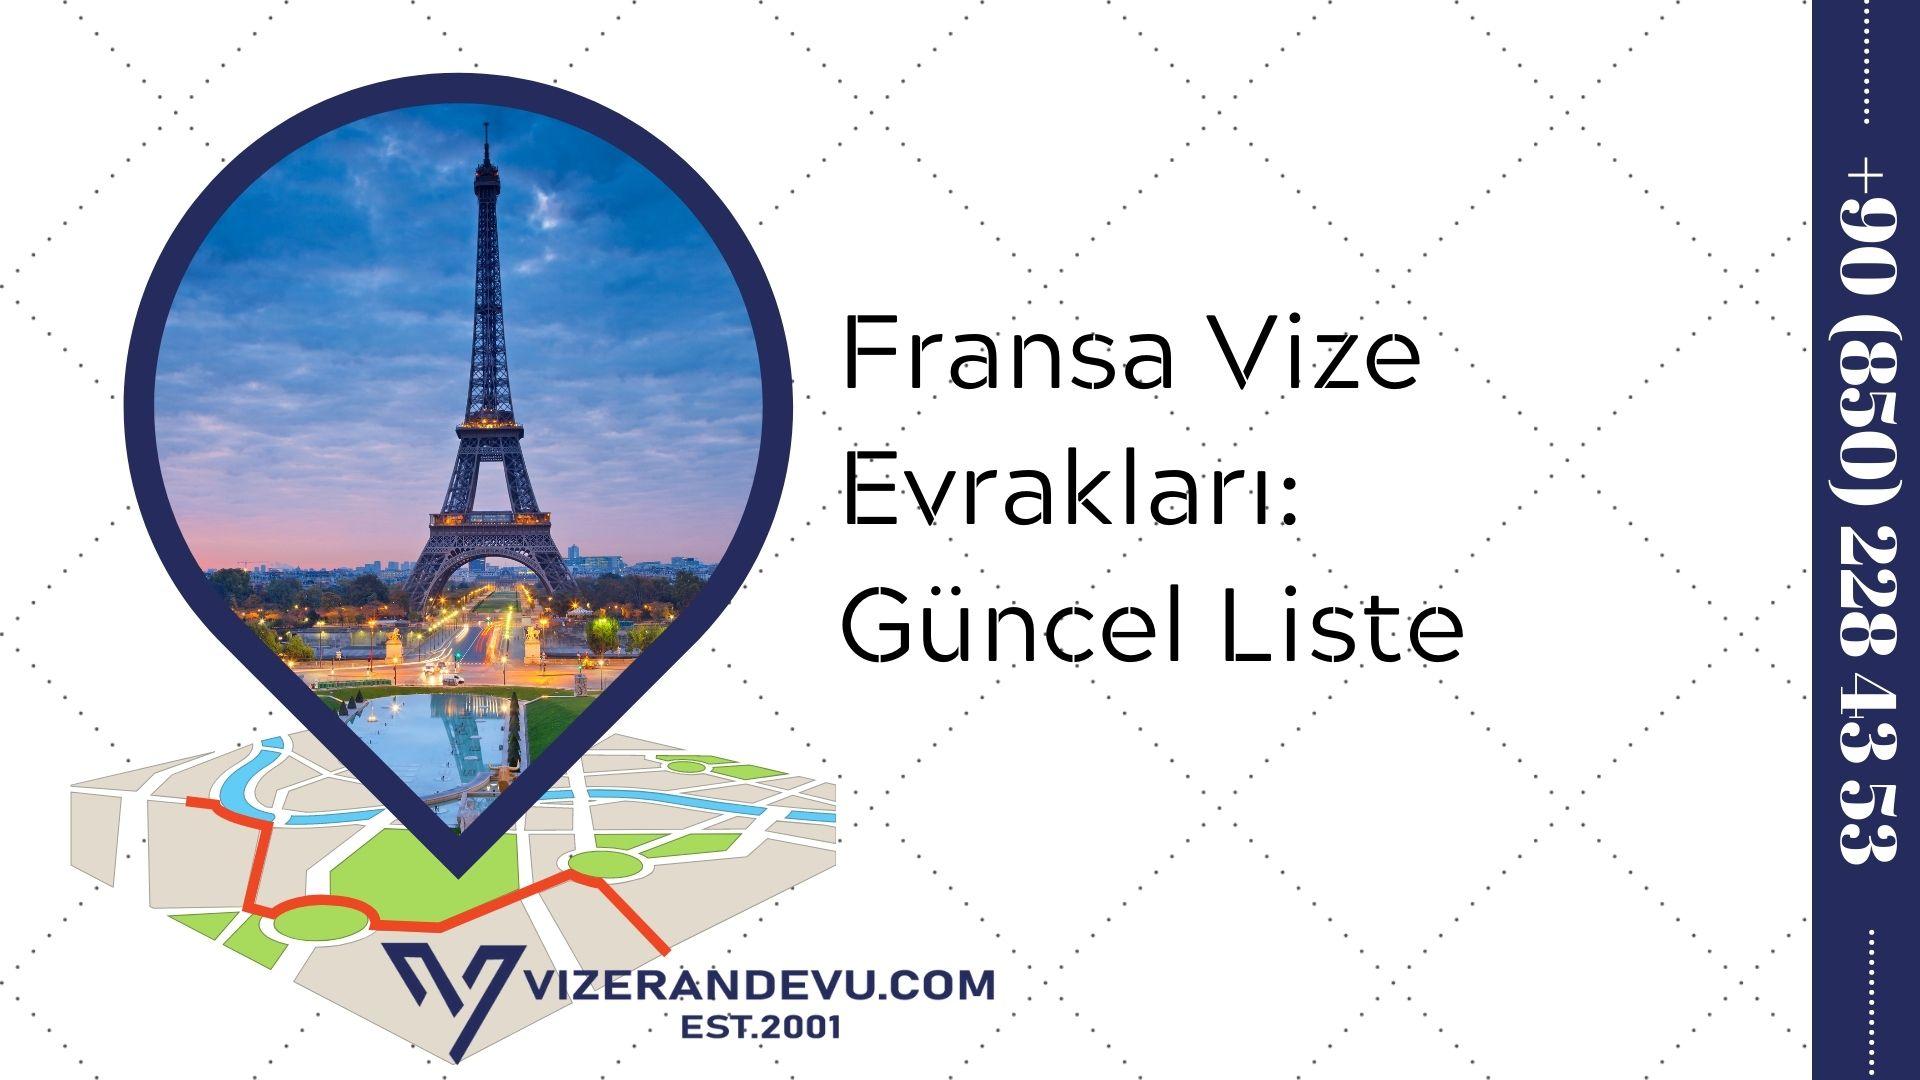 Fransa Vize Evrakları: Güncel Liste 2021